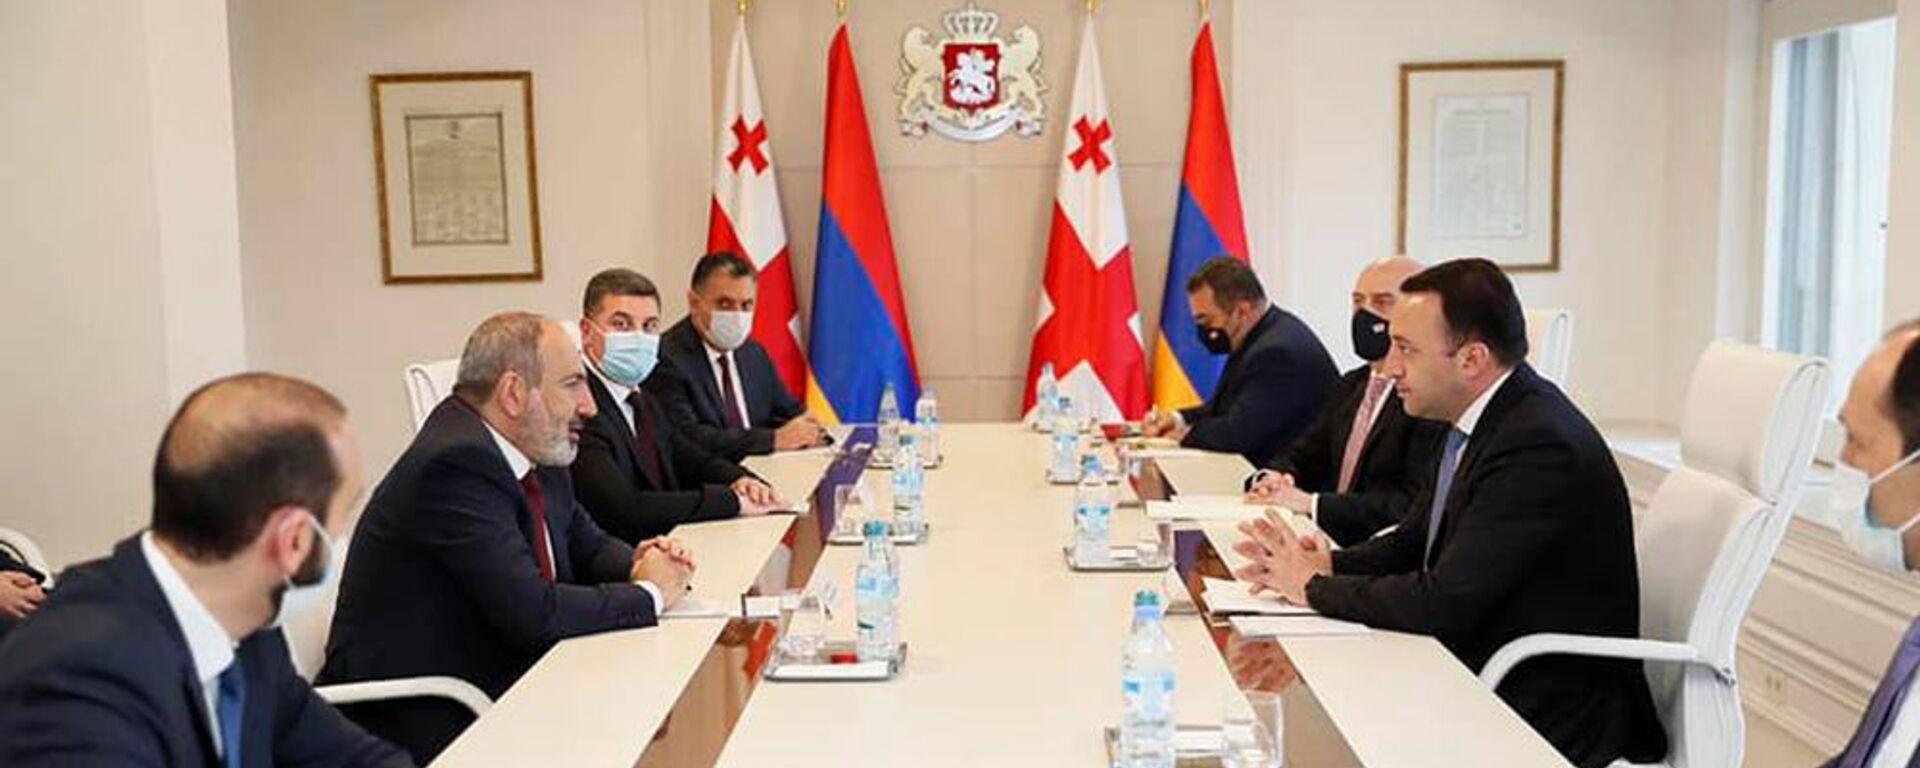 Премьер-министр Никол Пашинян во время официального визита в Грузию (8 сентября 2021). Тбилиси - Sputnik Армения, 1920, 08.09.2021